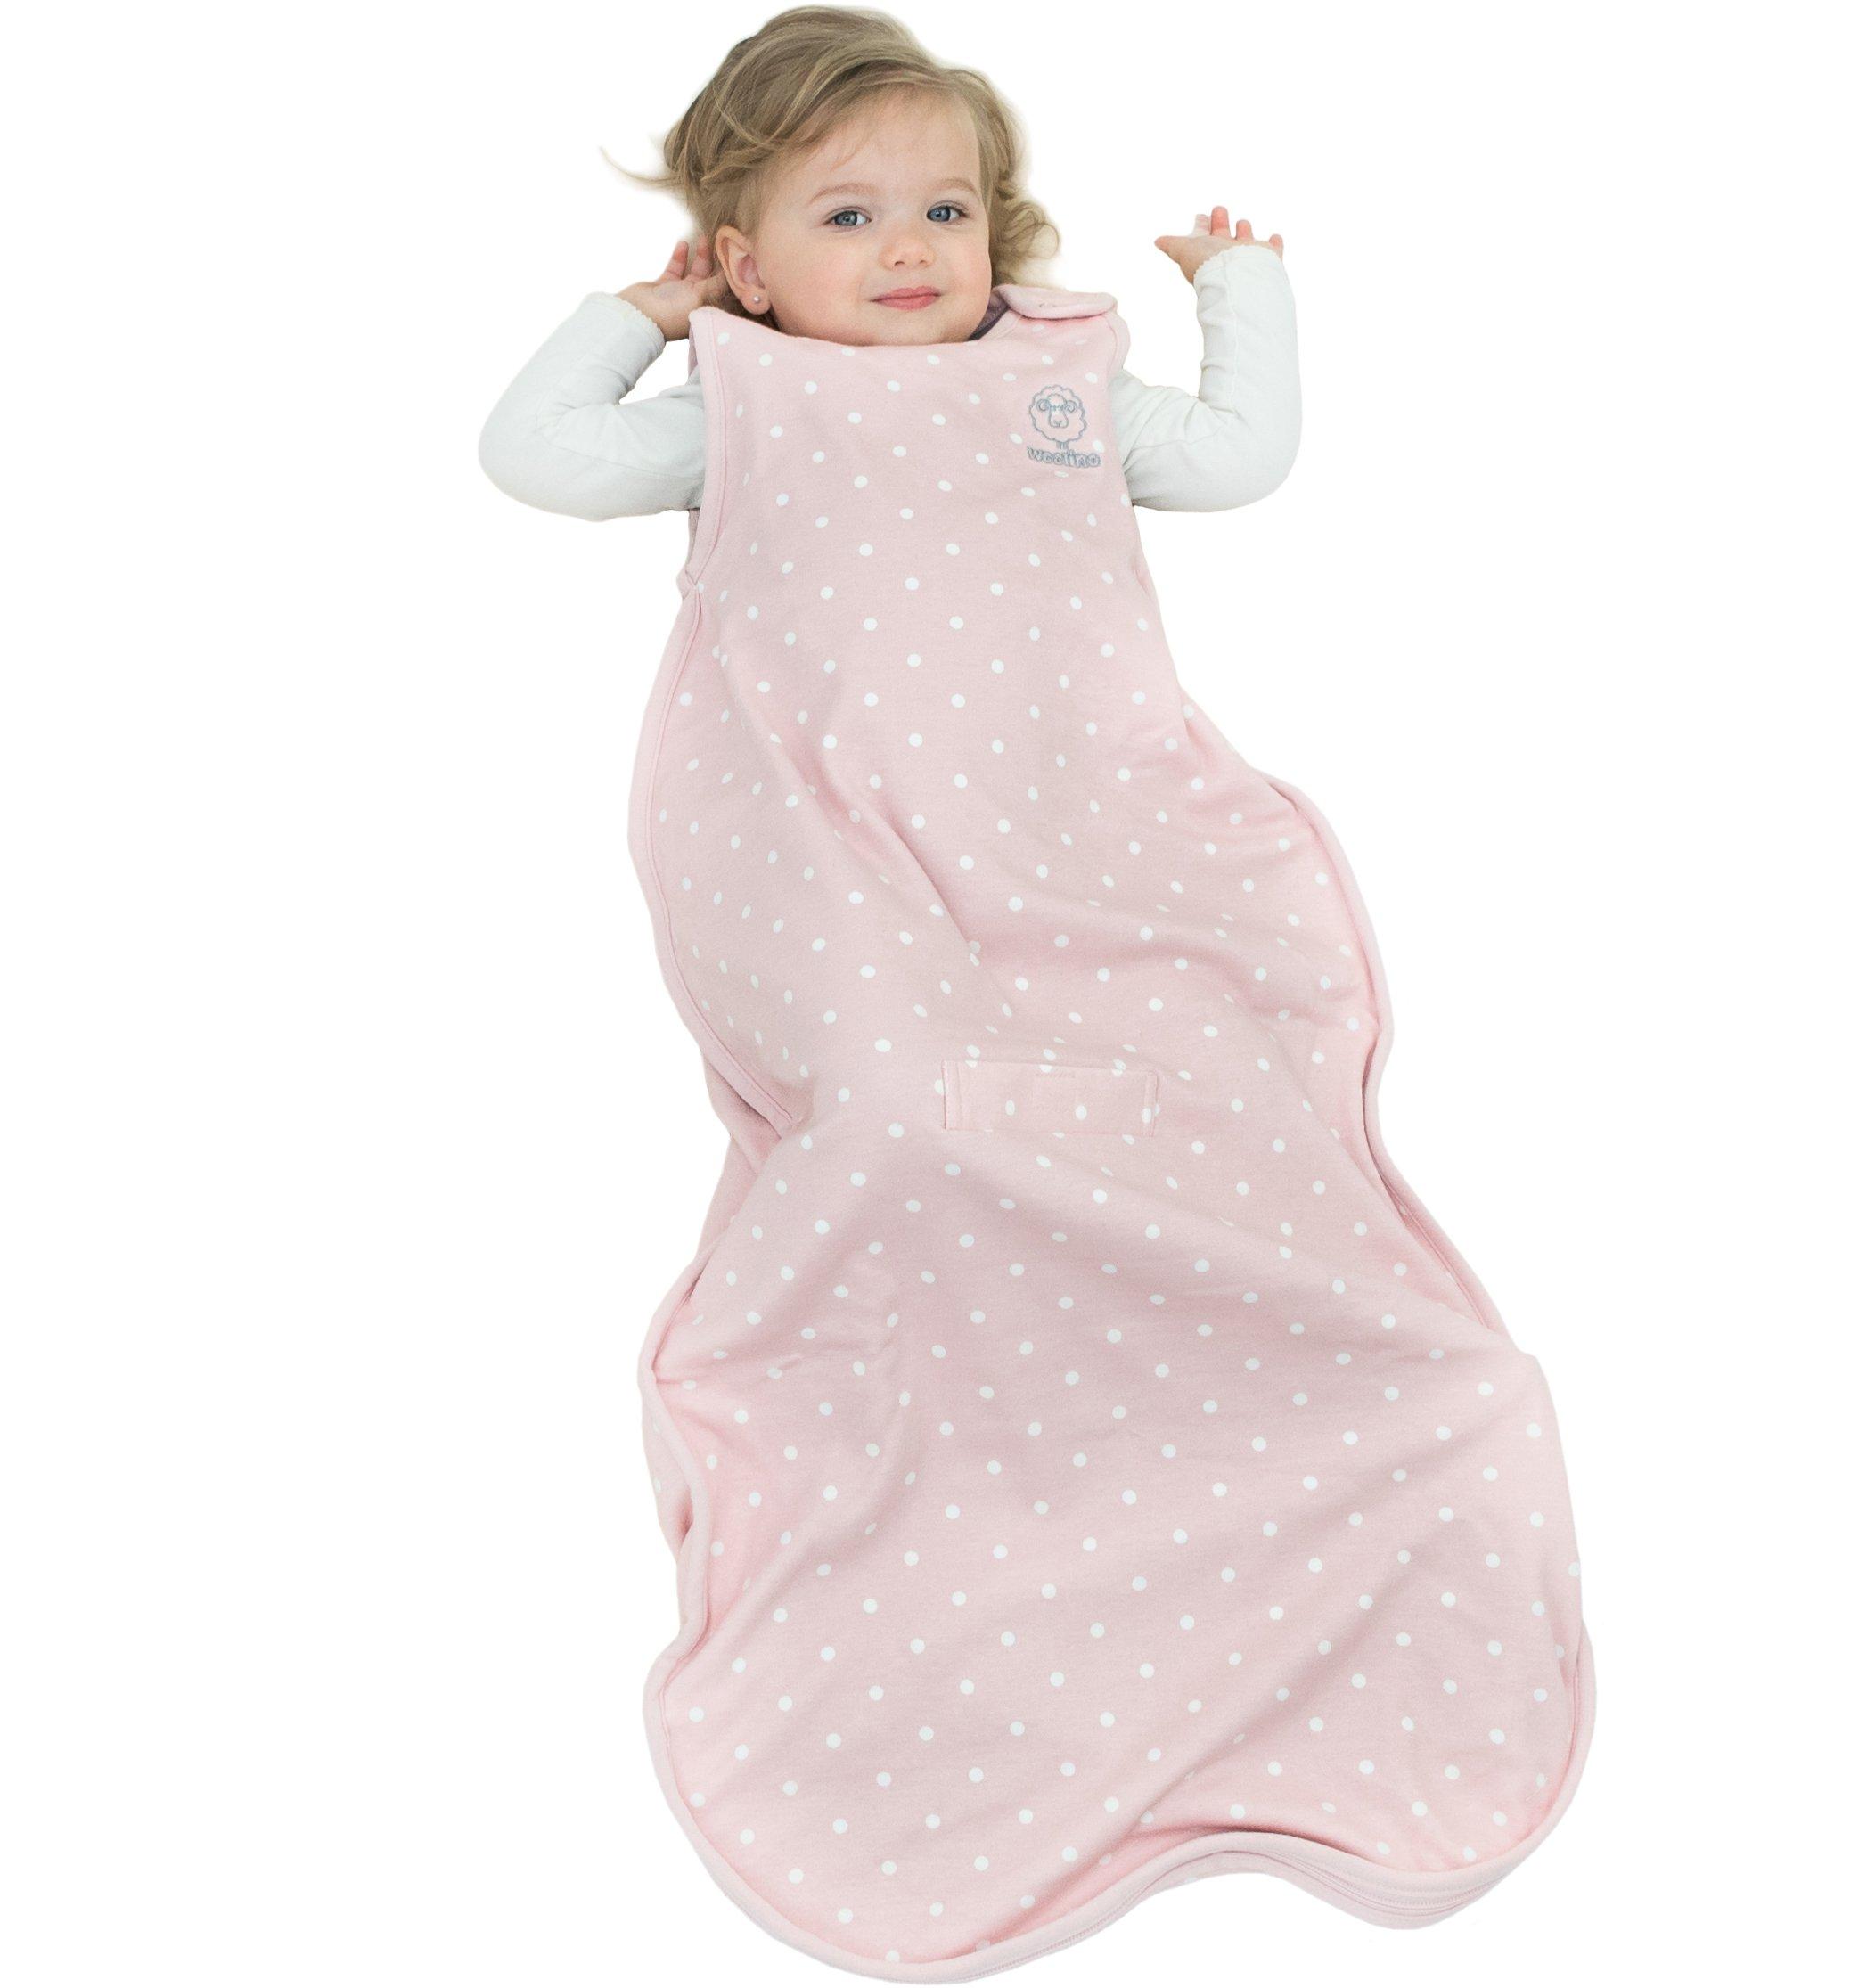 Woolino 4 Season Toddler Sleeping Bag, Merino Wool Toddler Sleep Bag or Sack, 2-4 Years, Rose